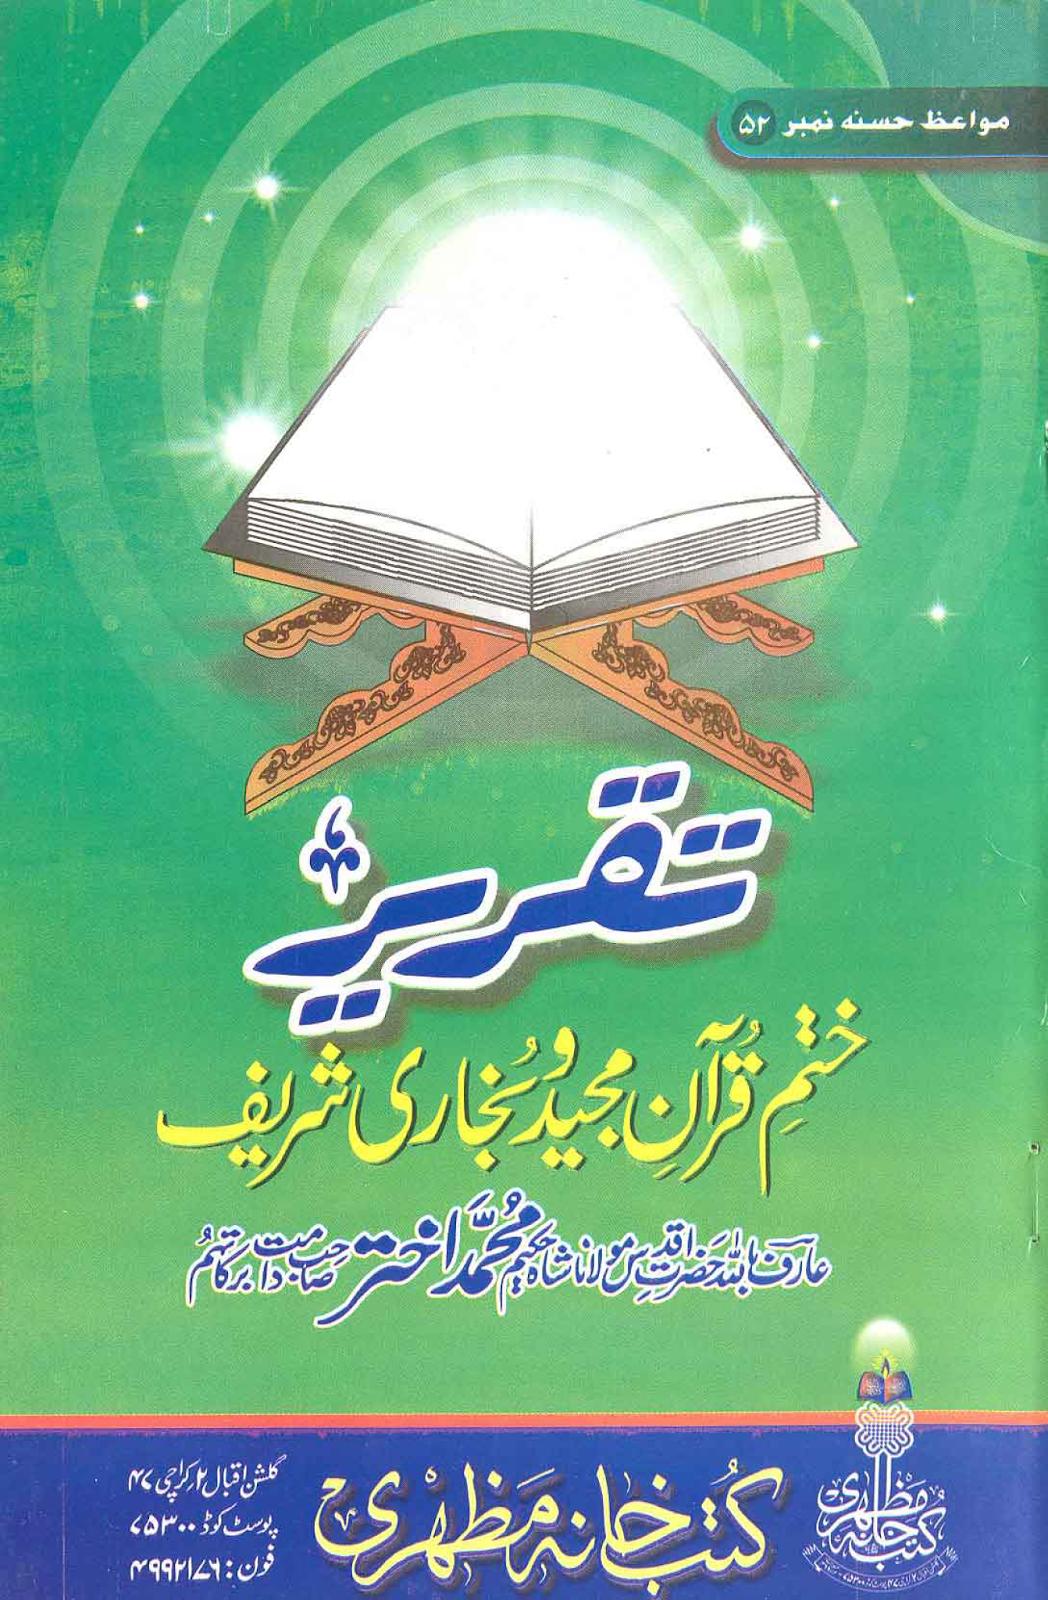 https://www.4shared.com/office/9bMEFR4Lba/Taqreer_Khatm_e_Quran_Shareef_.html